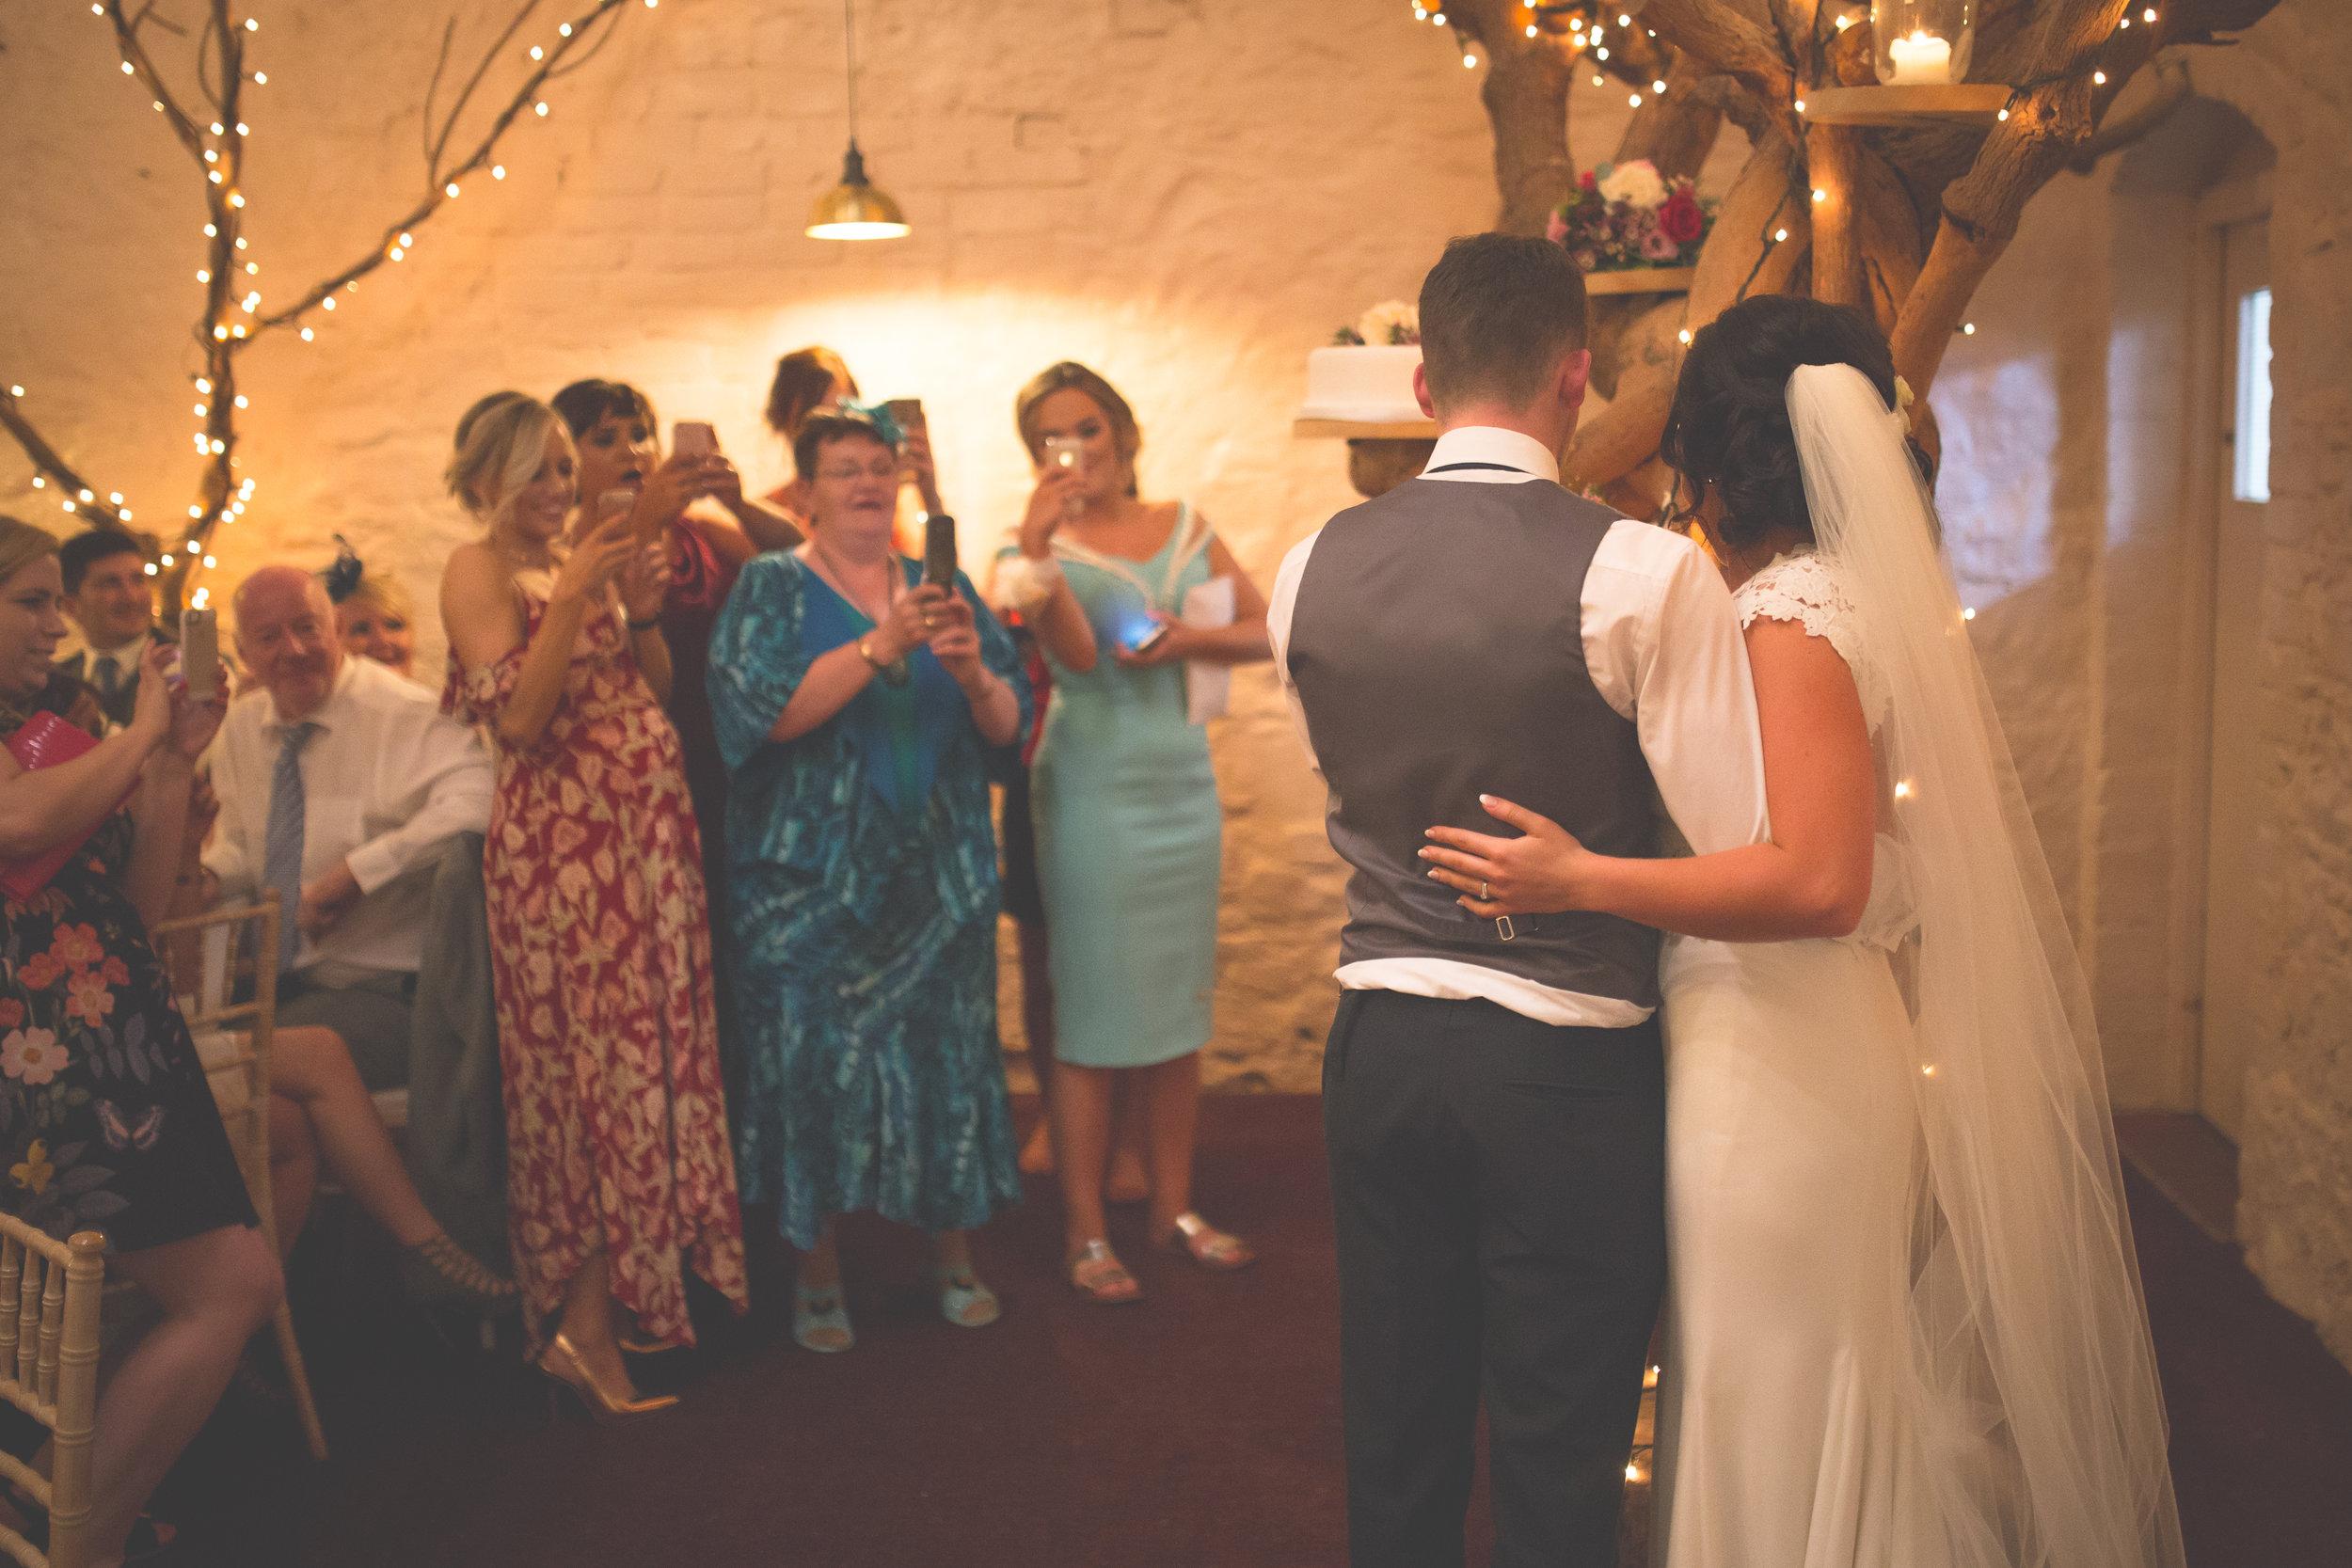 Brian McEwan Wedding Photography | Carol-Anne & Sean | The Speeches-132.jpg